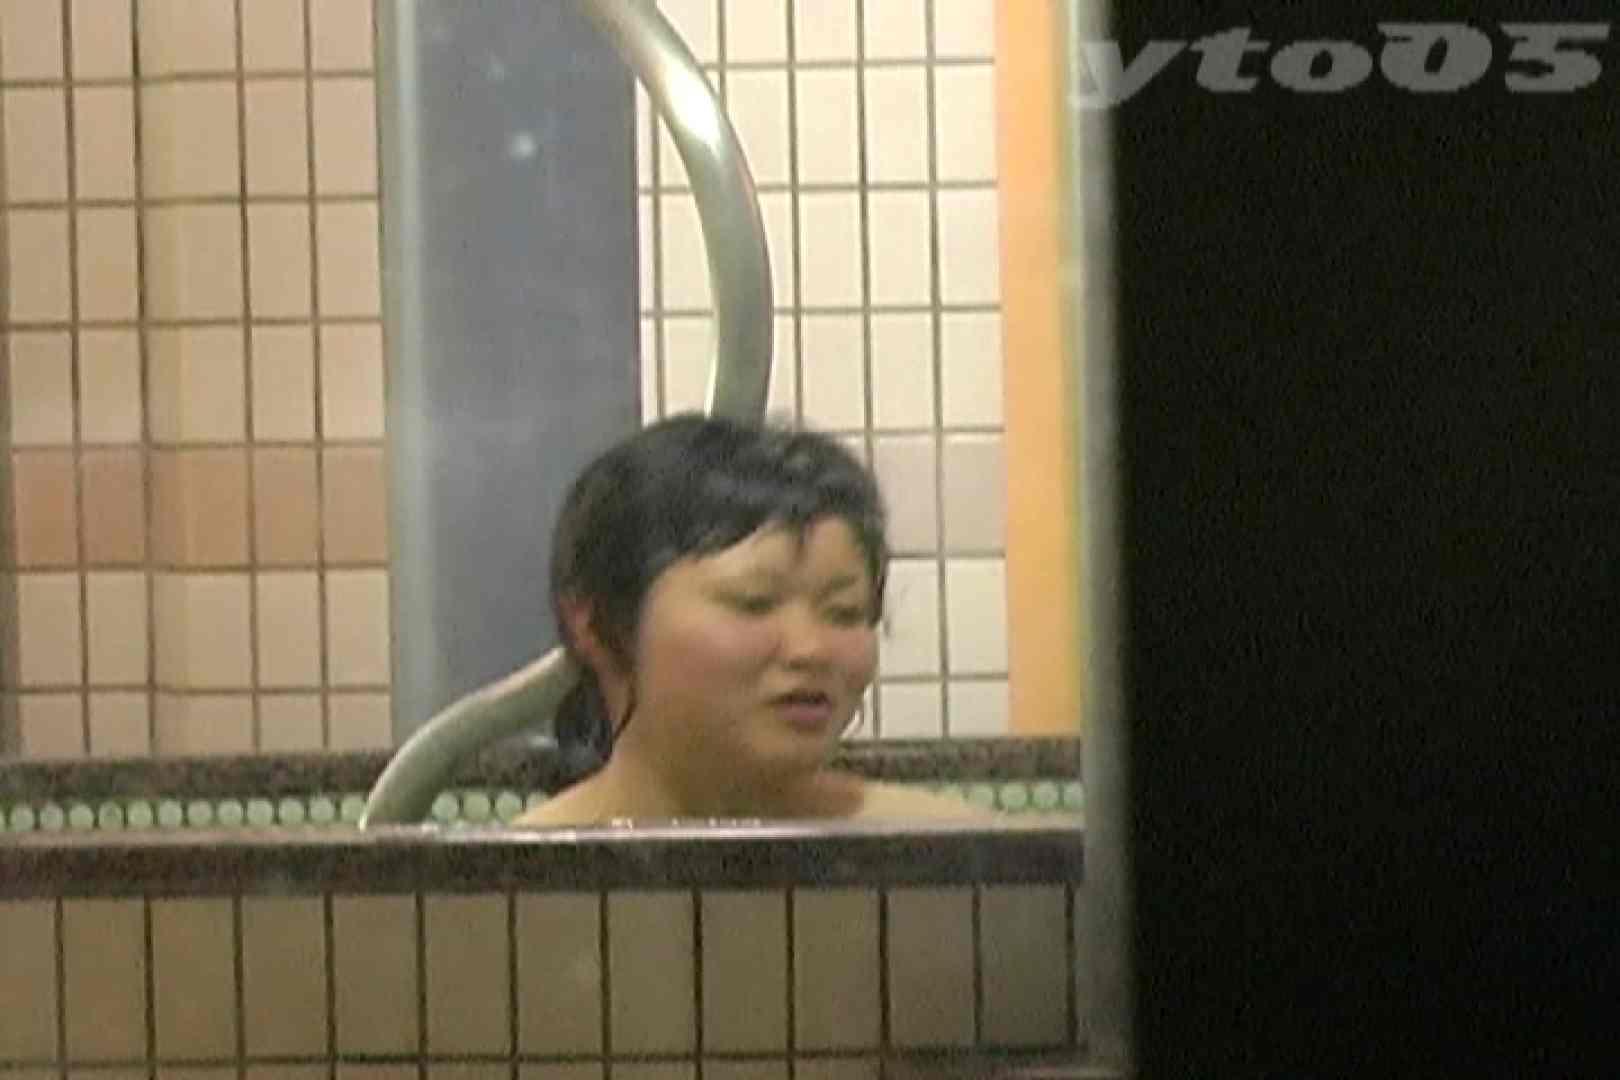 ▲復活限定▲合宿ホテル女風呂盗撮 Vol.29 合宿中の女子 ヌード画像 91PIX 5